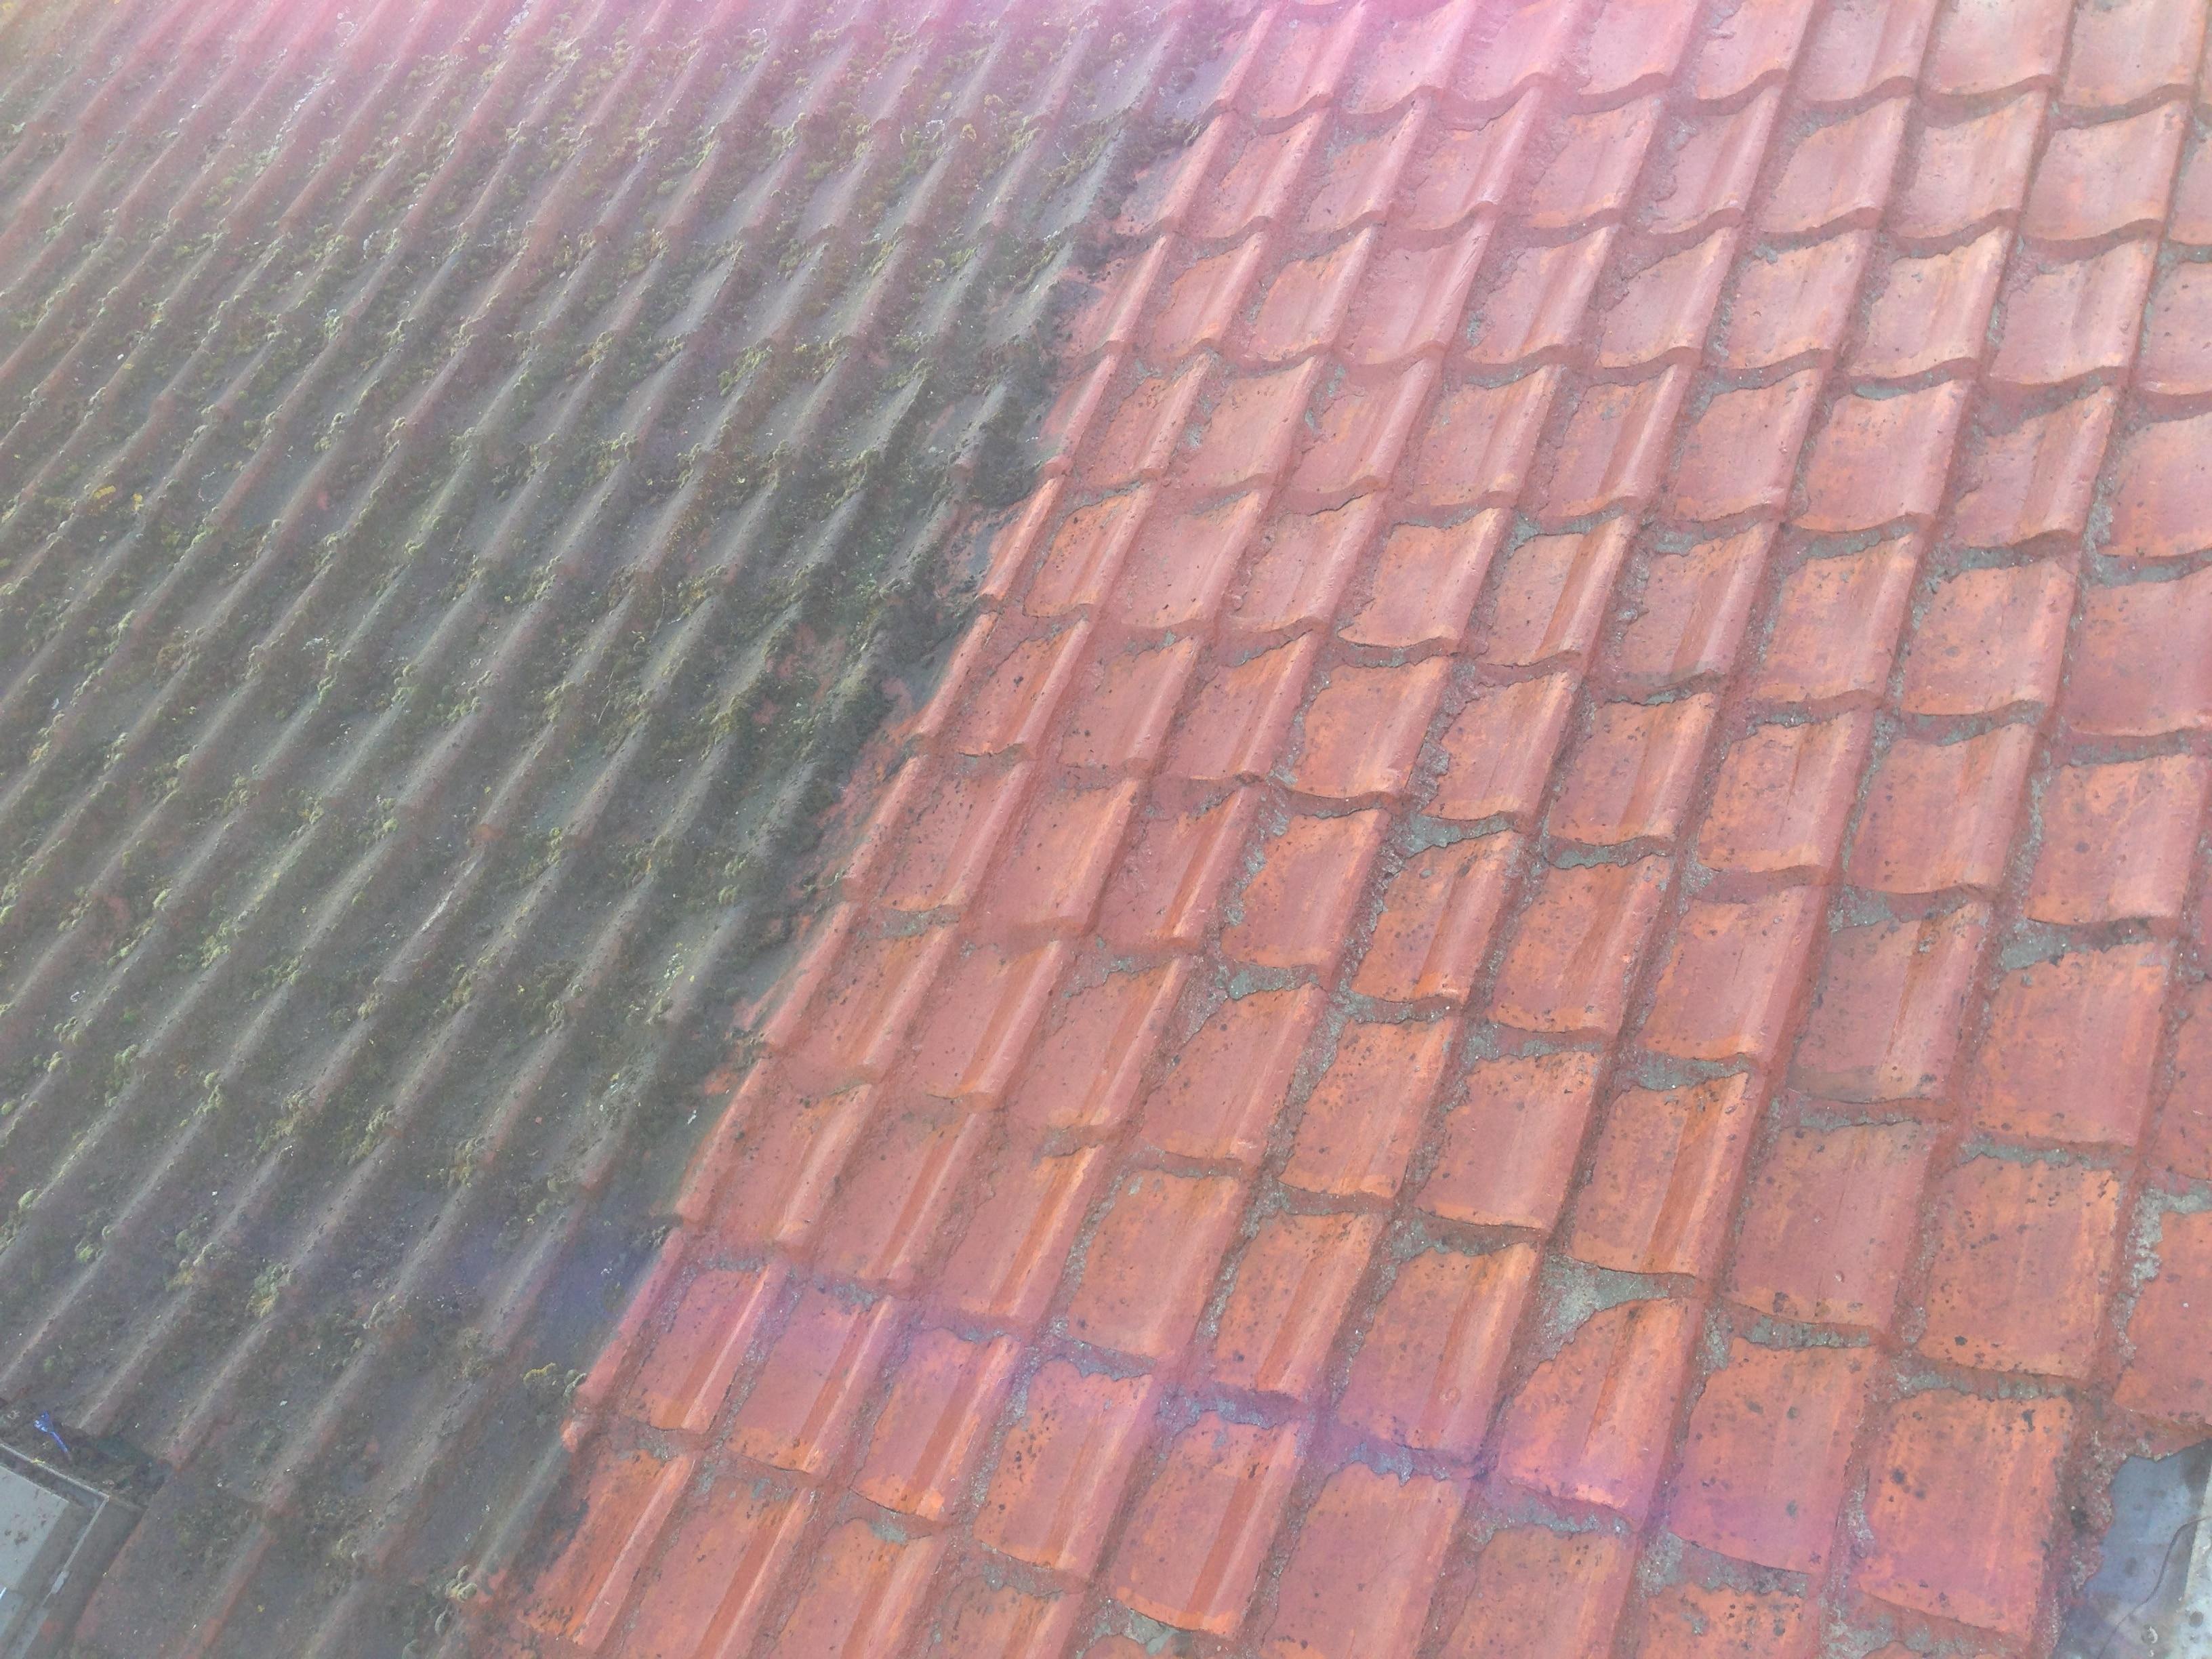 Ontmossen van daken